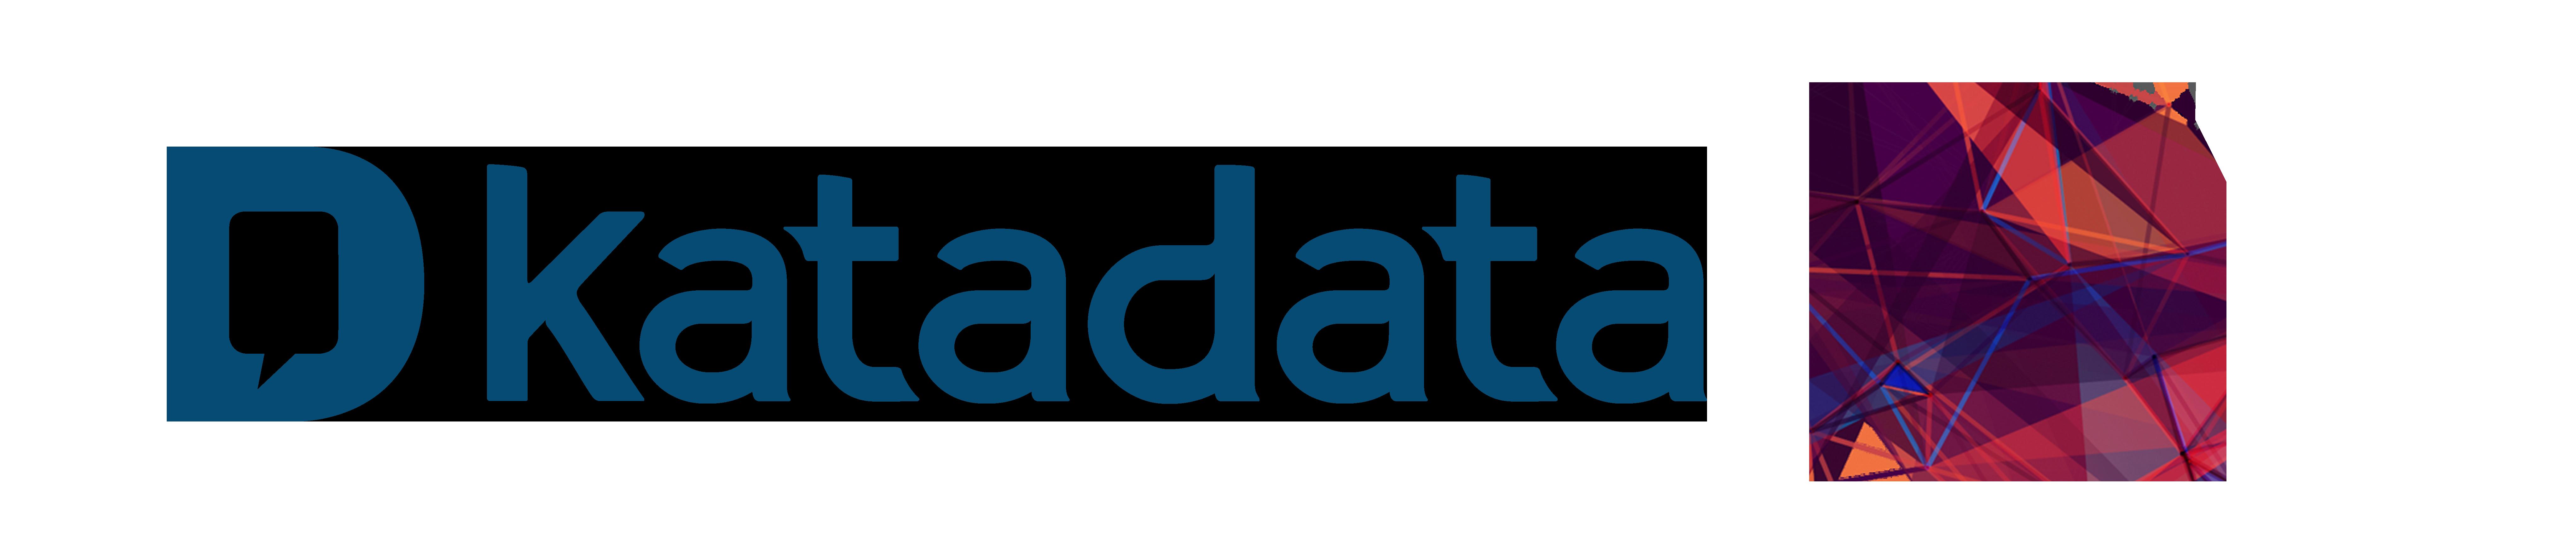 Katadata Indonesia